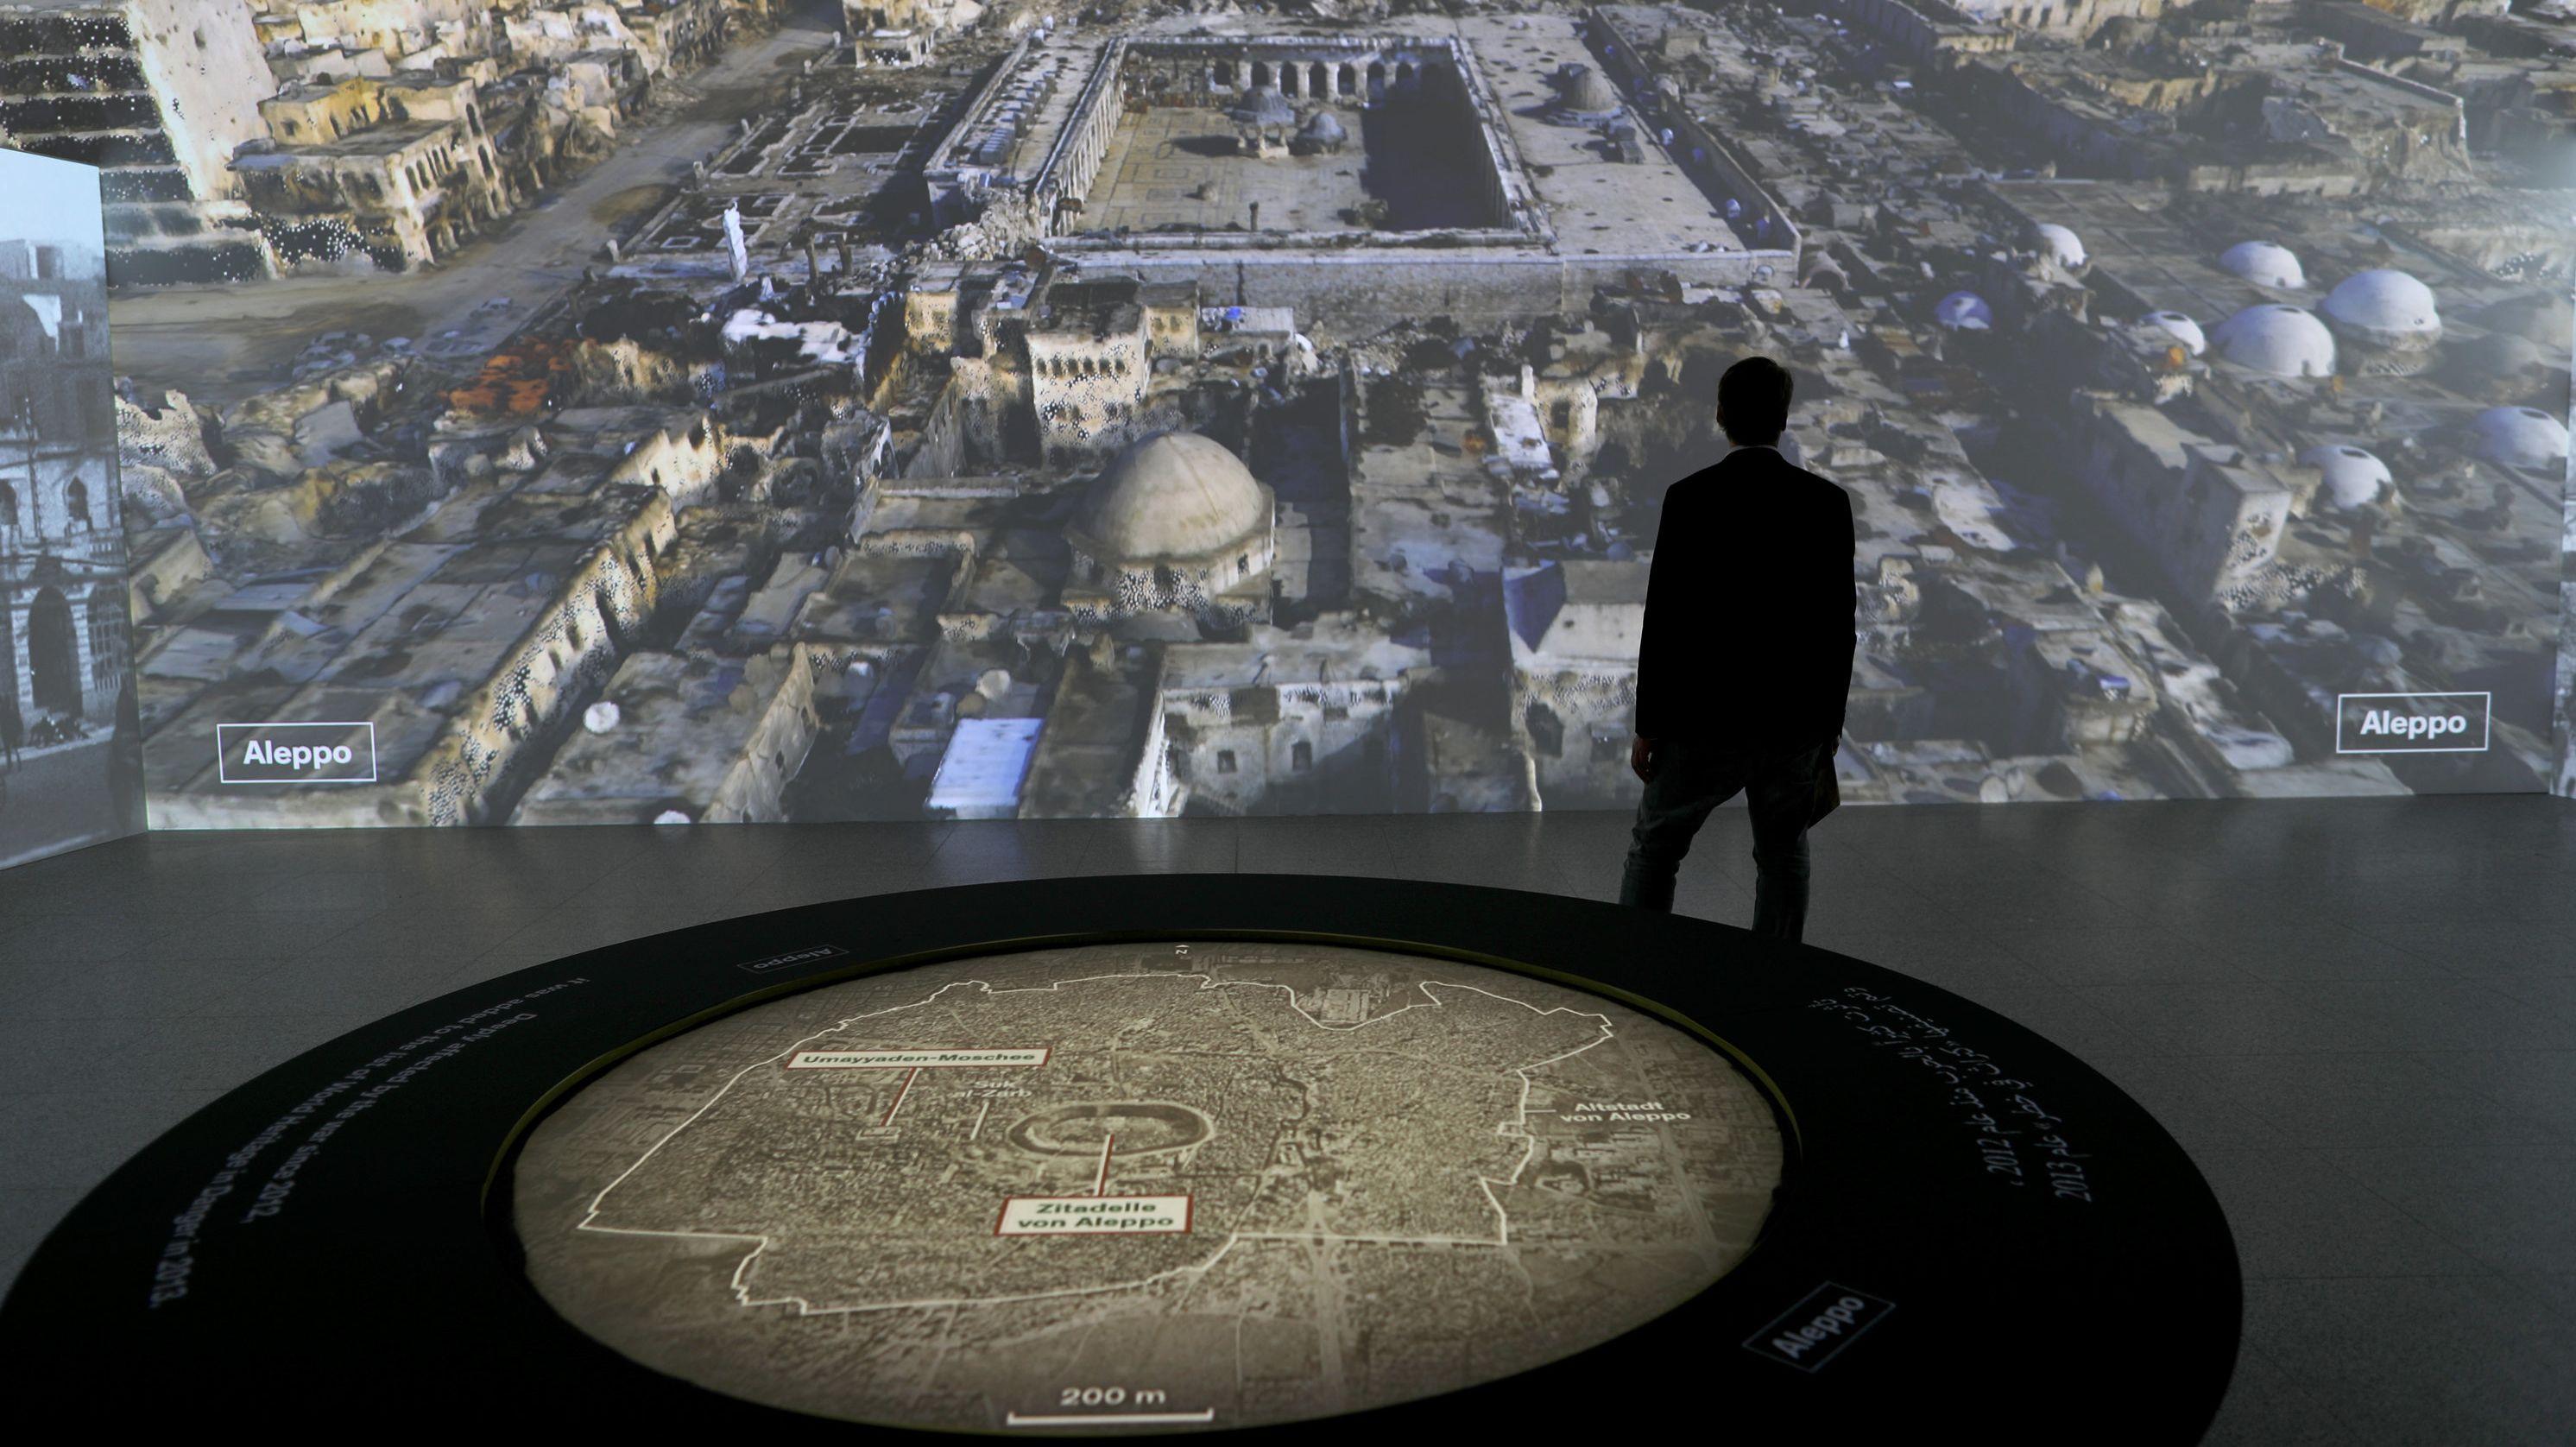 Die Bundeskunsthalle Bonn lässt antike Stätten virtuell wieder erstehen und zeigt so den Blick auf die Umayyaden-Moschee in Aleppo